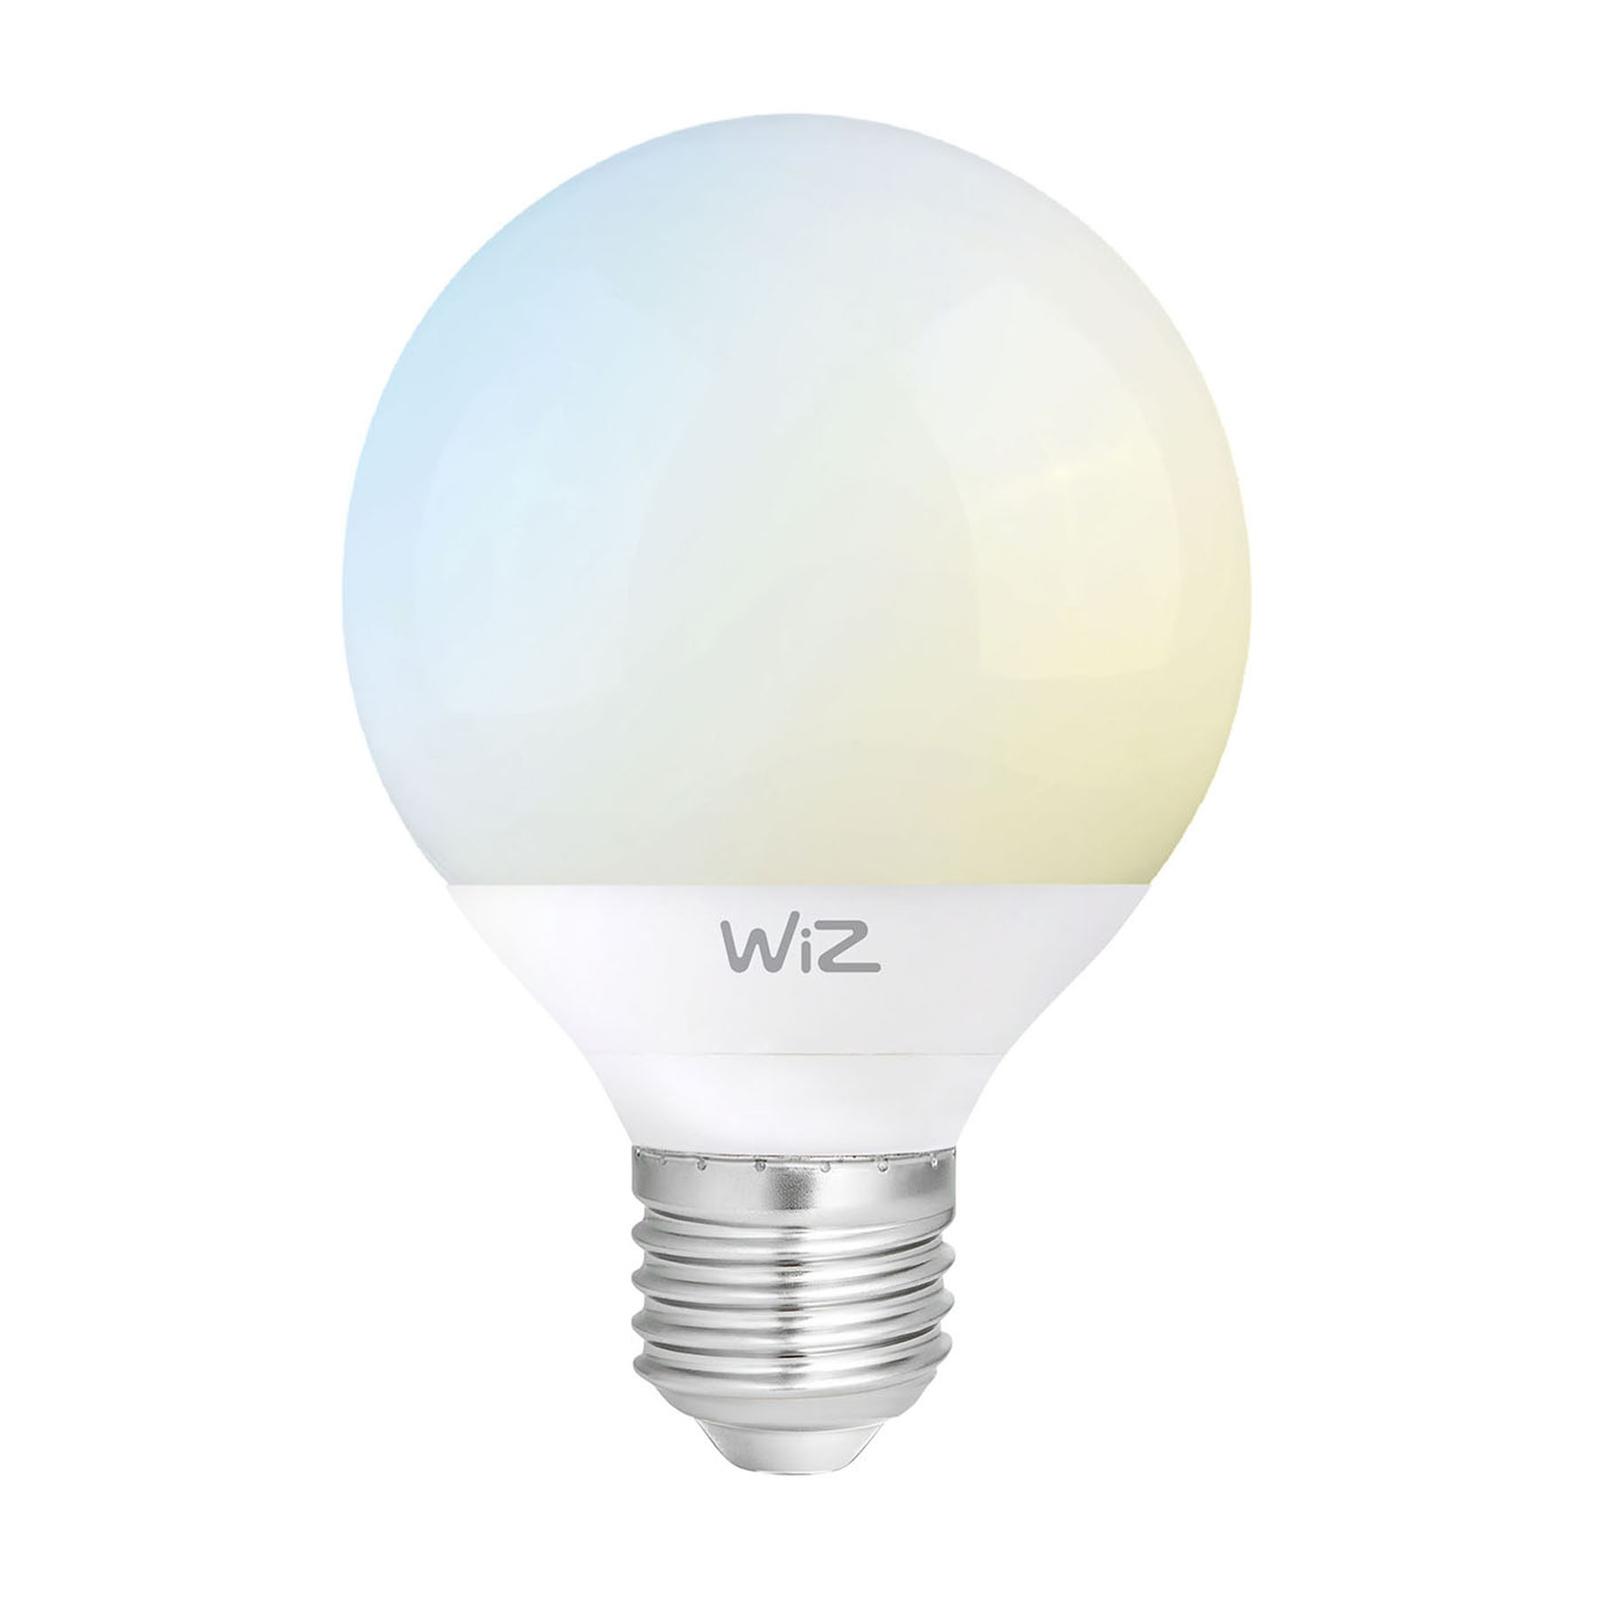 WiZ E27 LED-Lampe Globe G95 matt 12W 2.700-6.500K kaufen